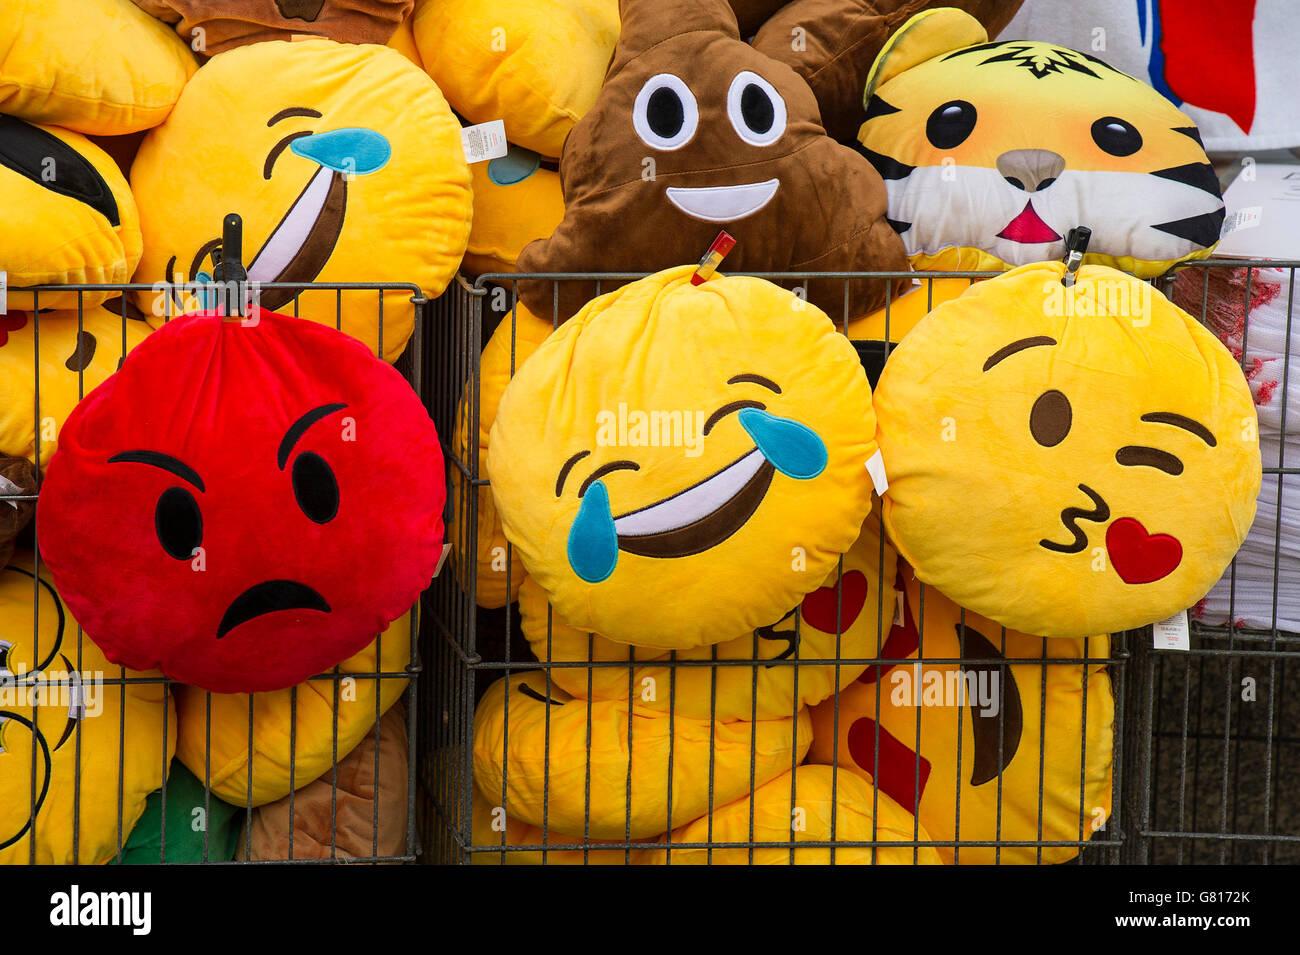 Cuscini colorati con ricamate le espressioni del viso. Immagini Stock